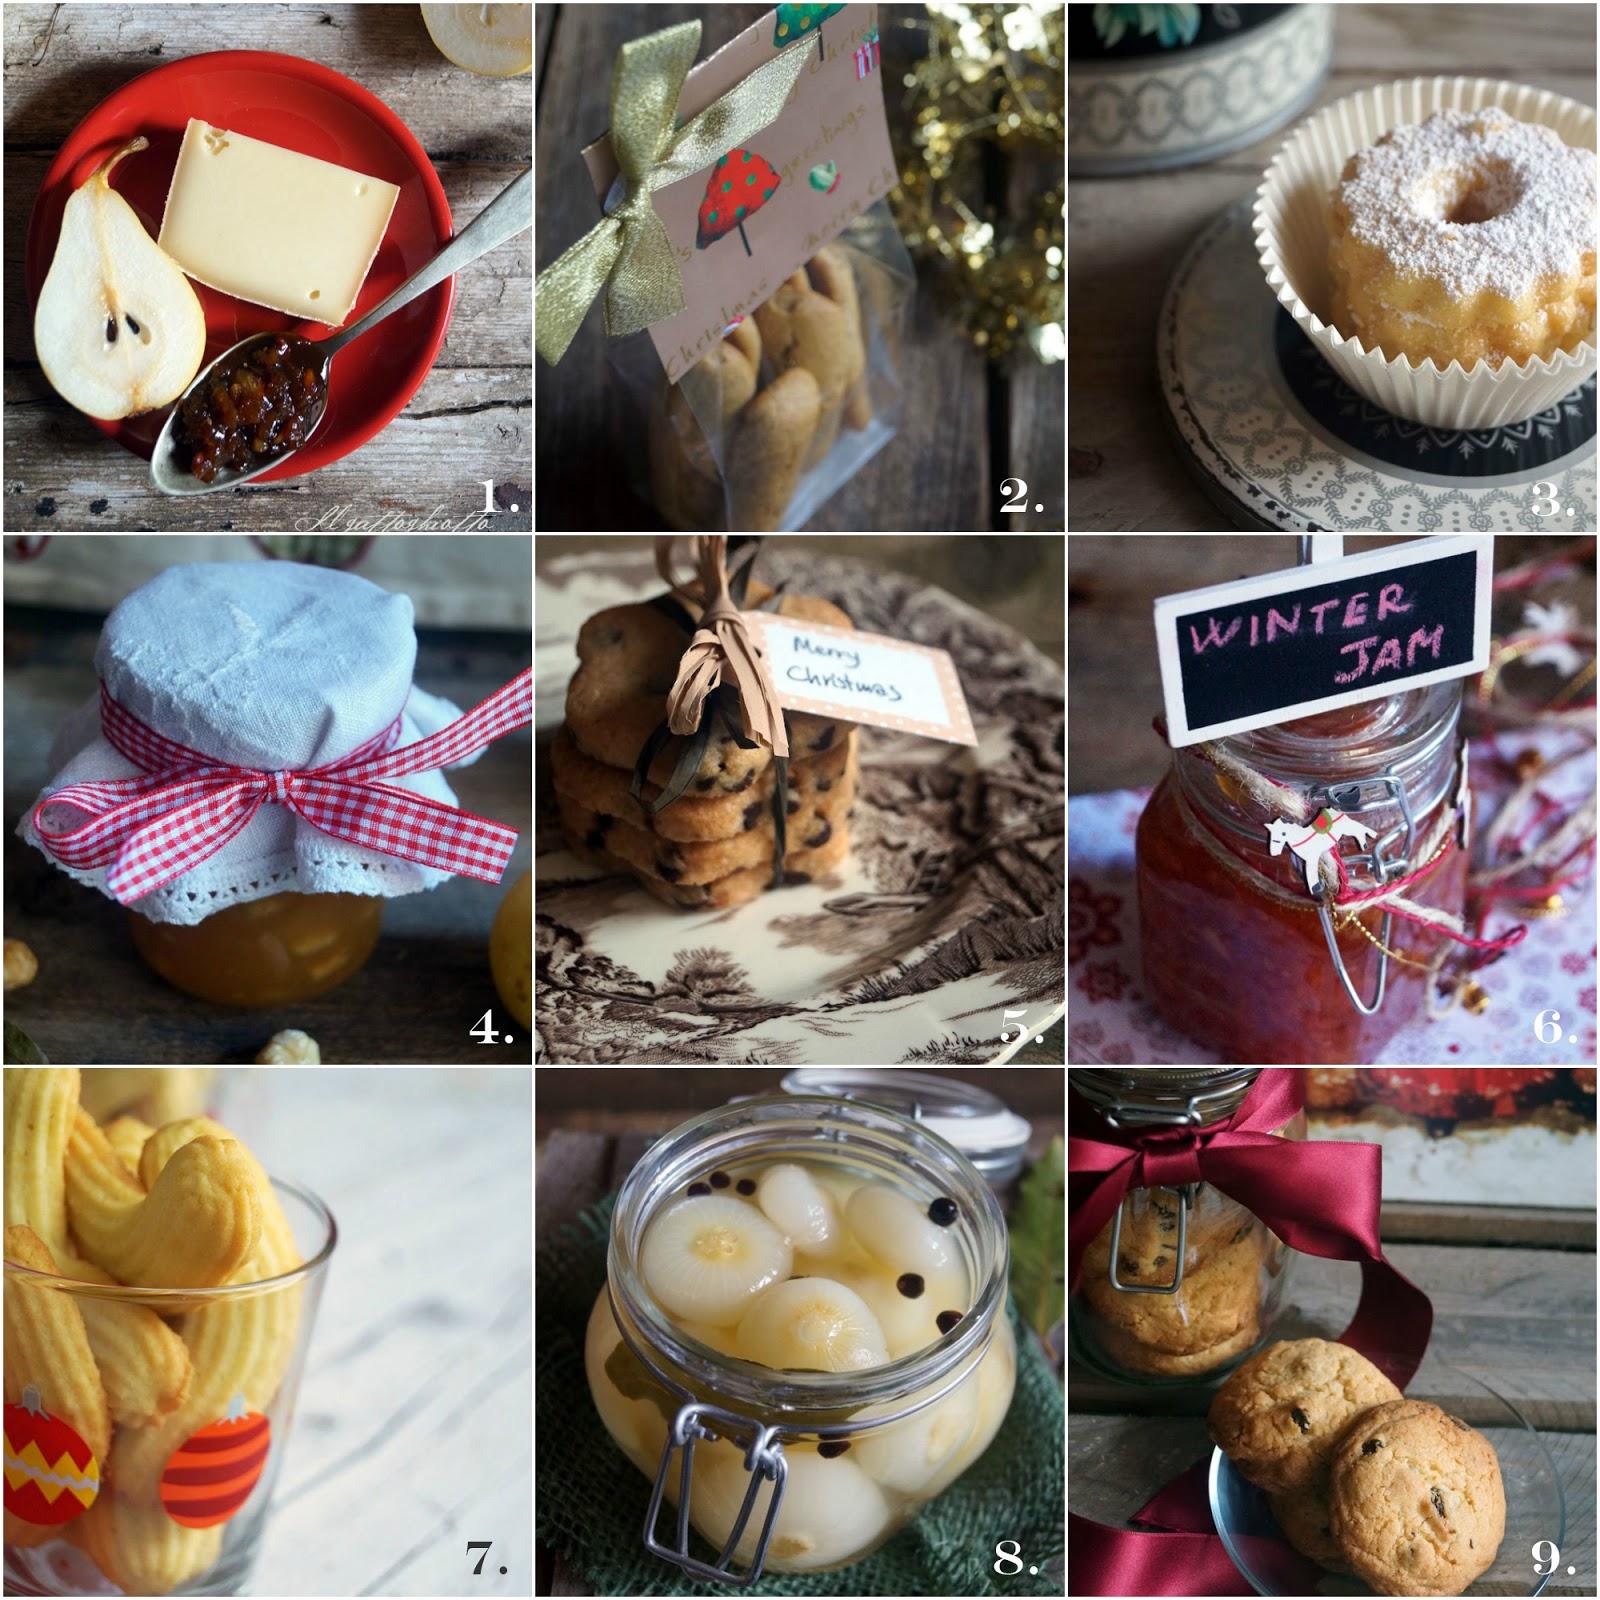 Idee per i regali di natale fai da te scegli e stampa - Regali natale fai da te cucina ...